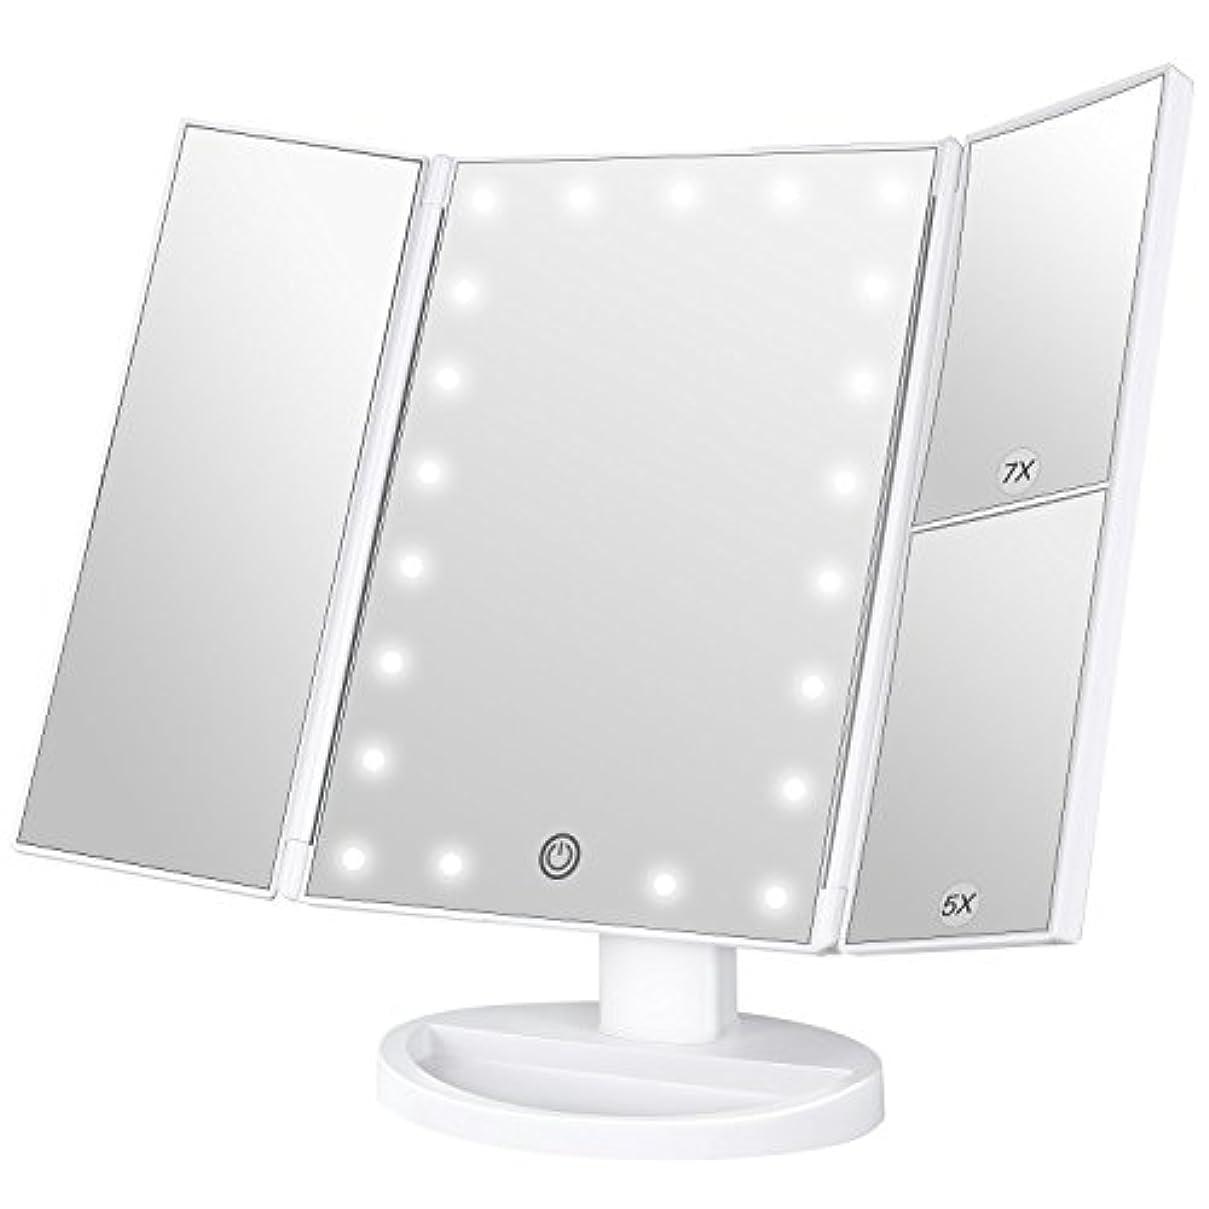 徐々に成り立つしょっぱいBESTOPE 化粧鏡 卓上ミラー 鏡 三面鏡 卓上 led付き 折りたたみ 拡大鏡 5倍 7倍 明るさ調節可能 180°回転 電池&USB 2WAY給電 (ホワイト)